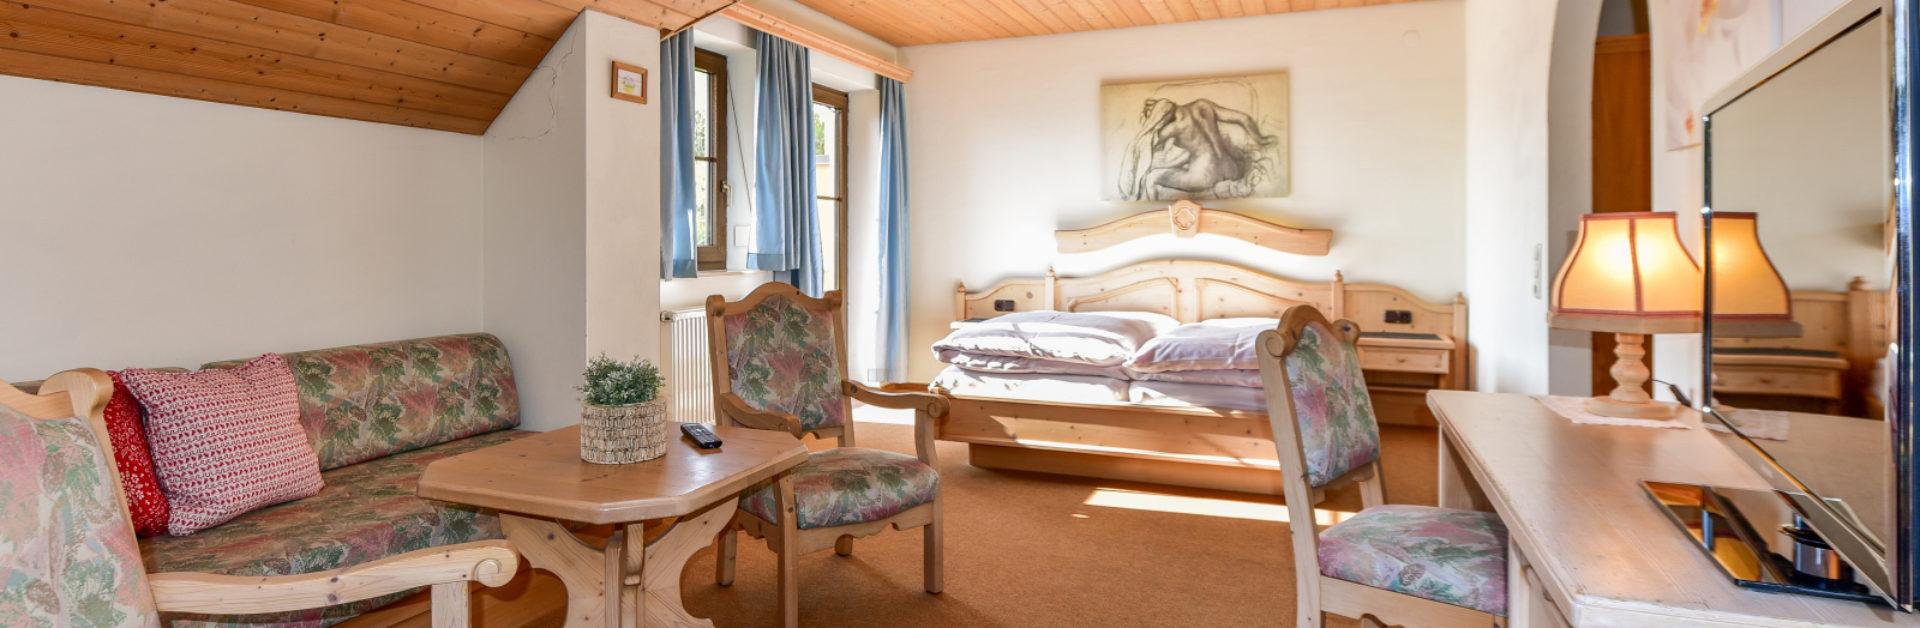 Hotel Bergblick in Fleckl